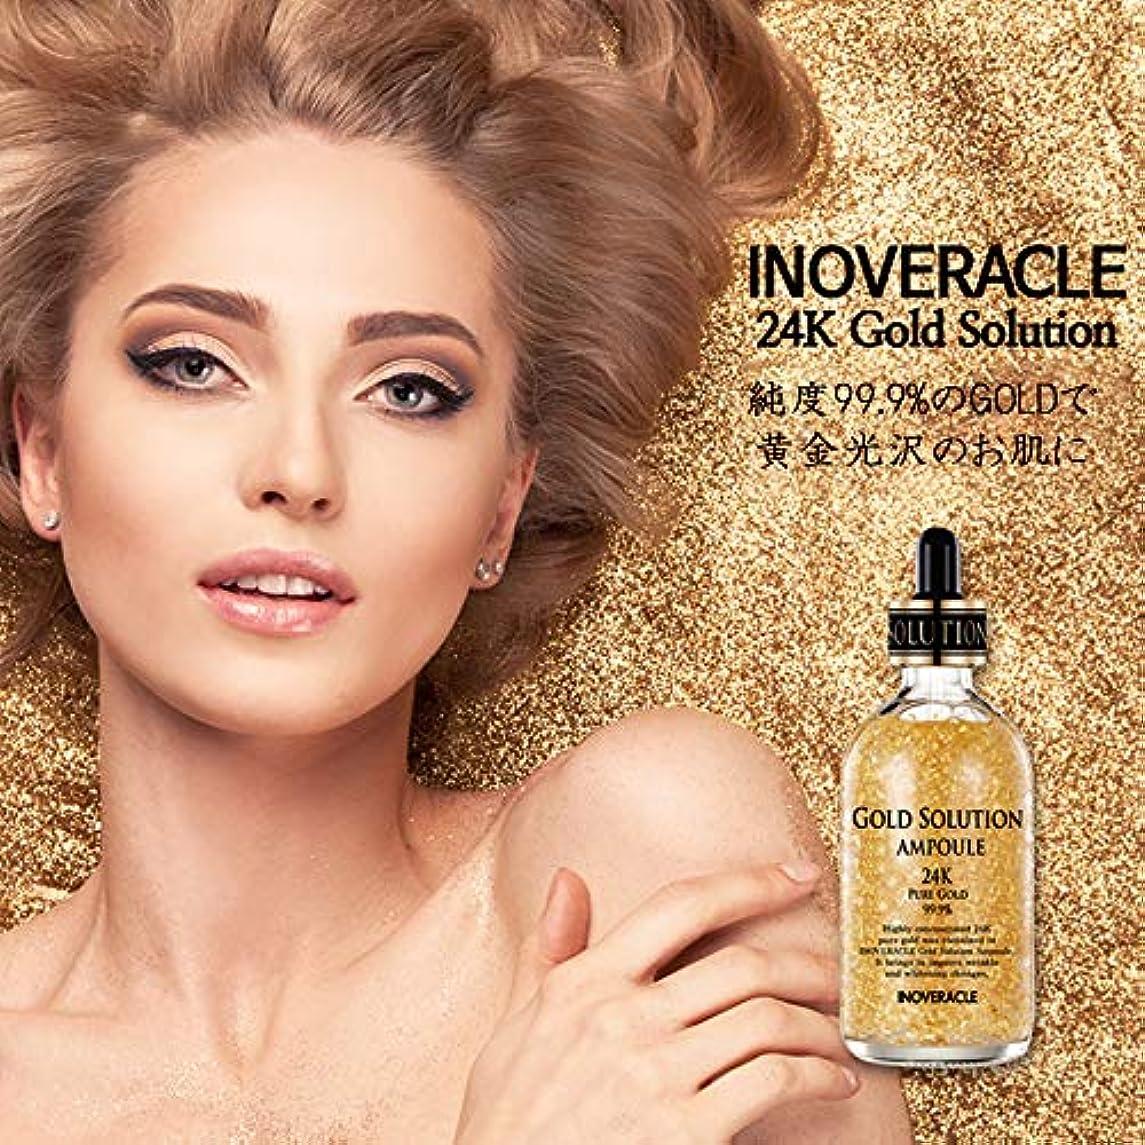 カテナ下線息切れINOVERACLE GOLD SOLUTION AMPOULE 24K 99.9% 純金 アンプル 100ml 美容液 スキンケア 韓国化粧品 光沢お肌 美白美容液